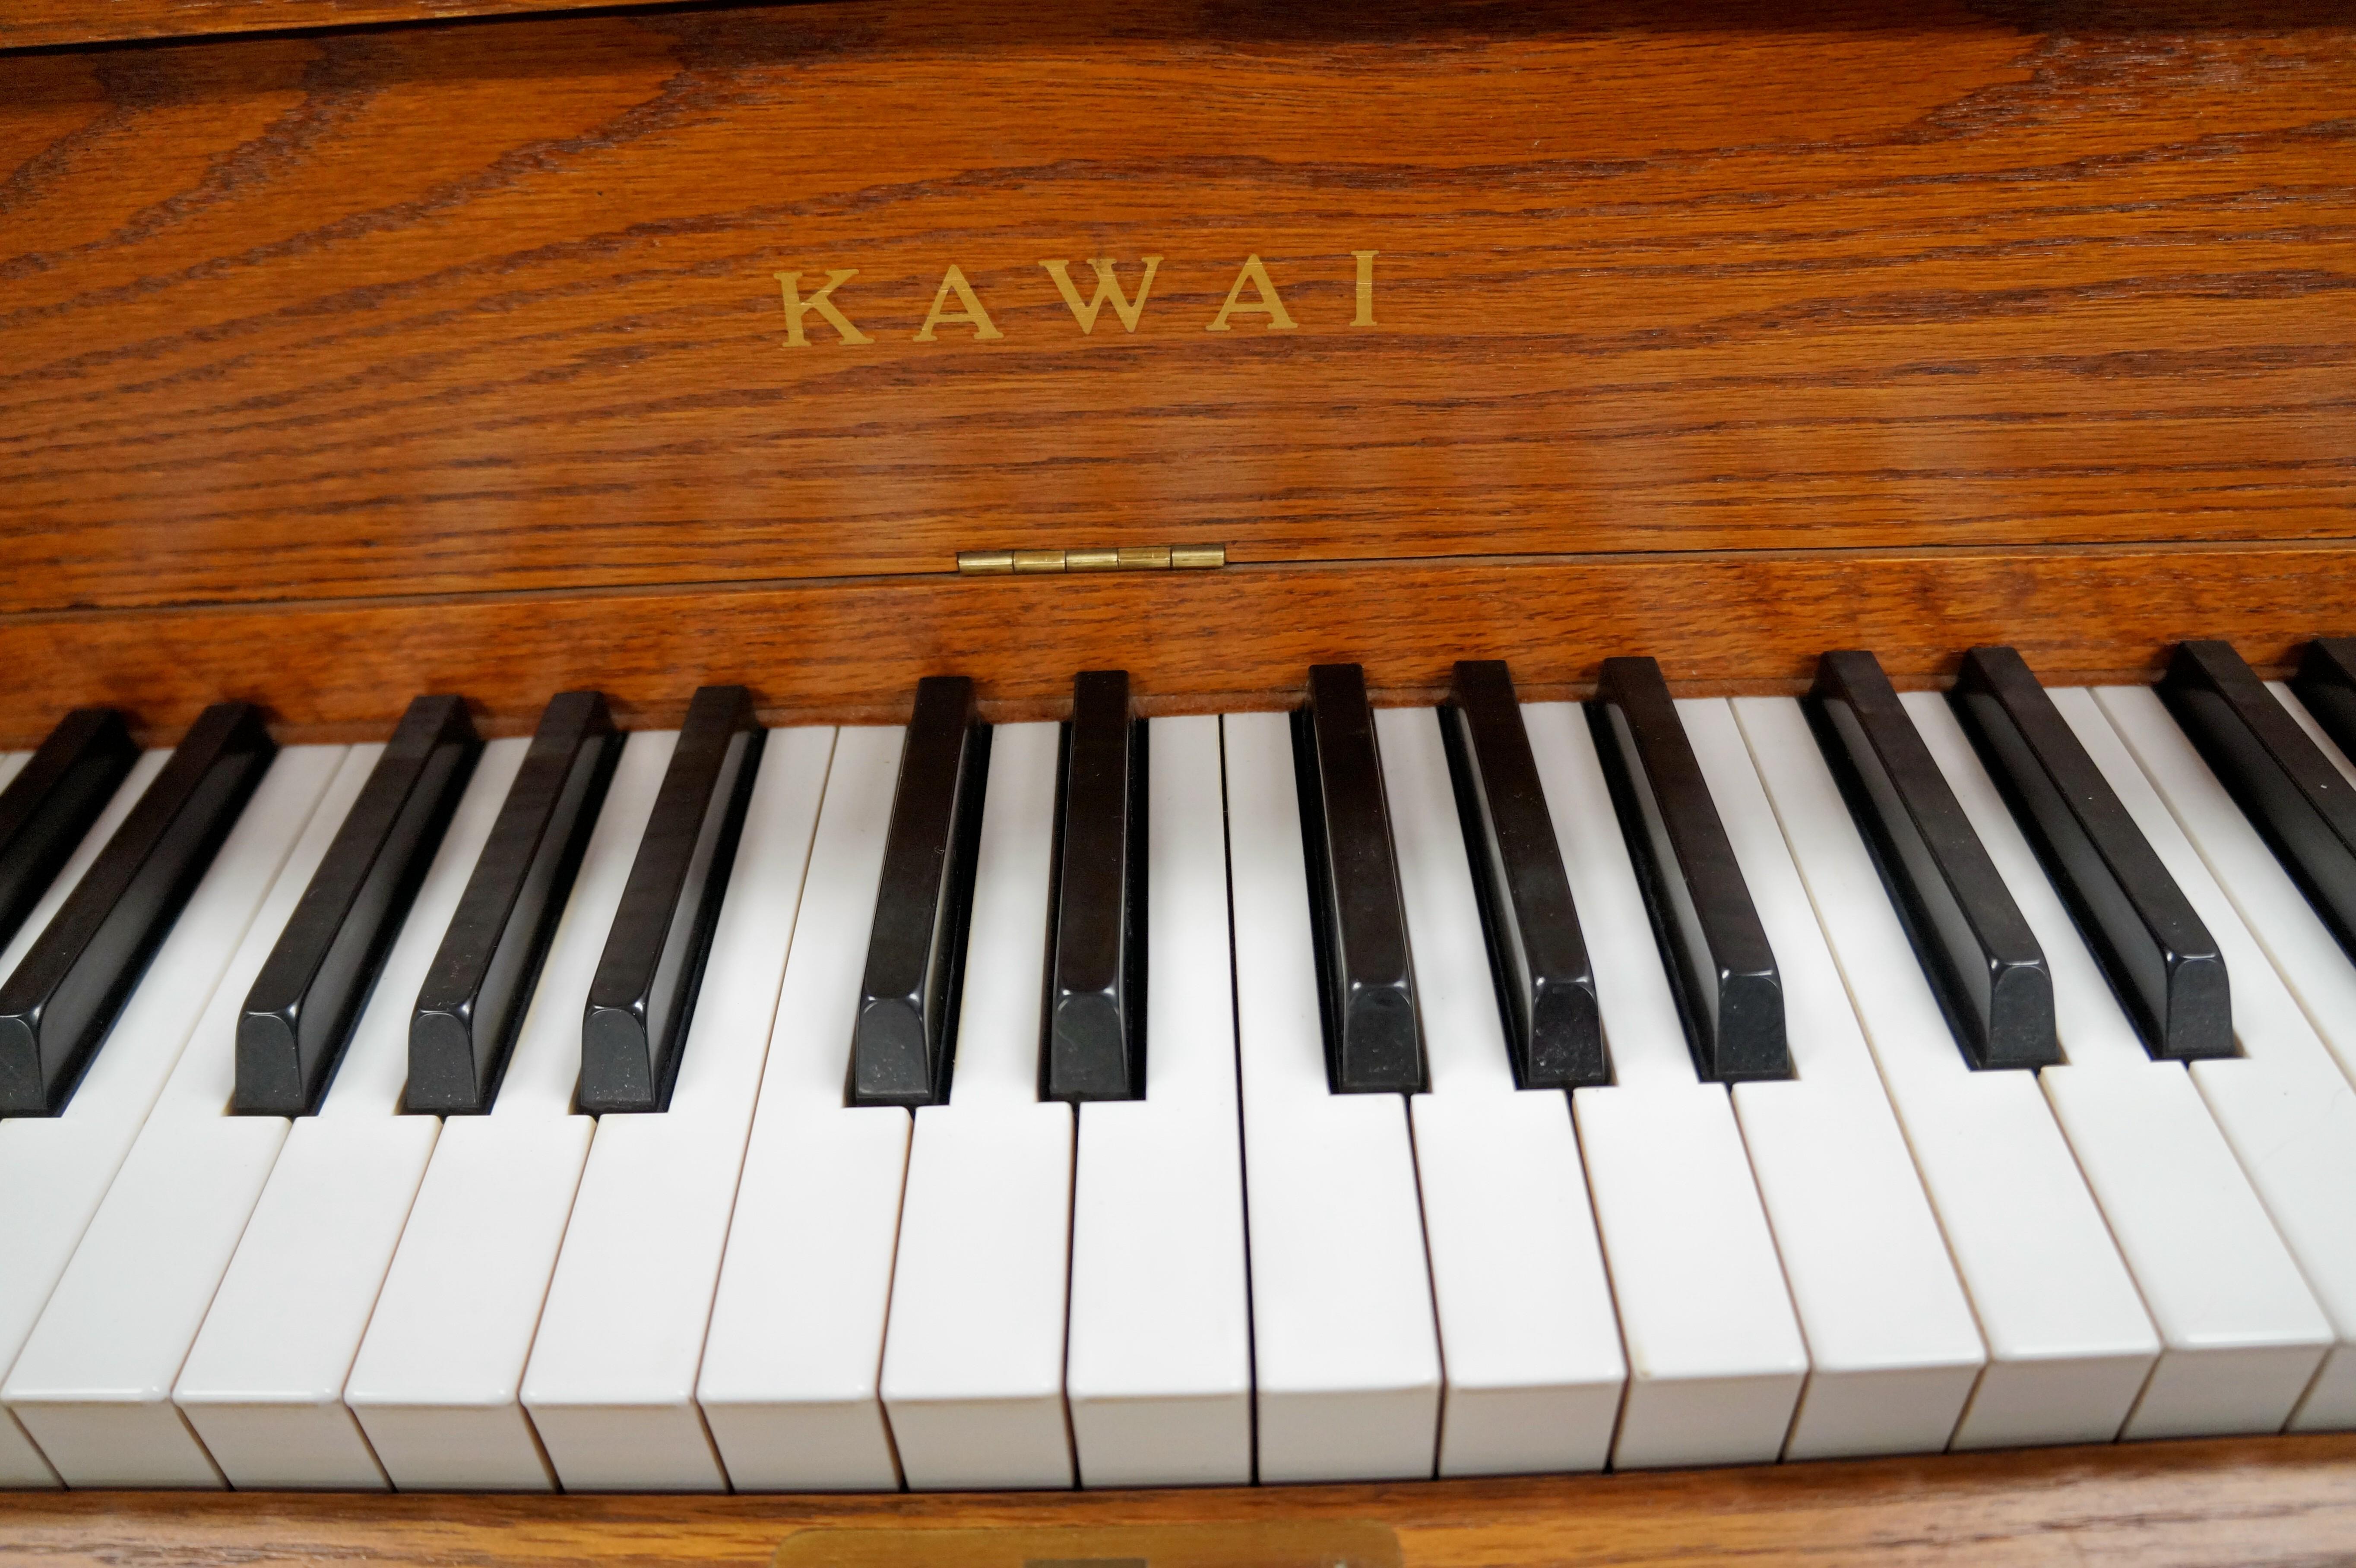 Kawai UST8